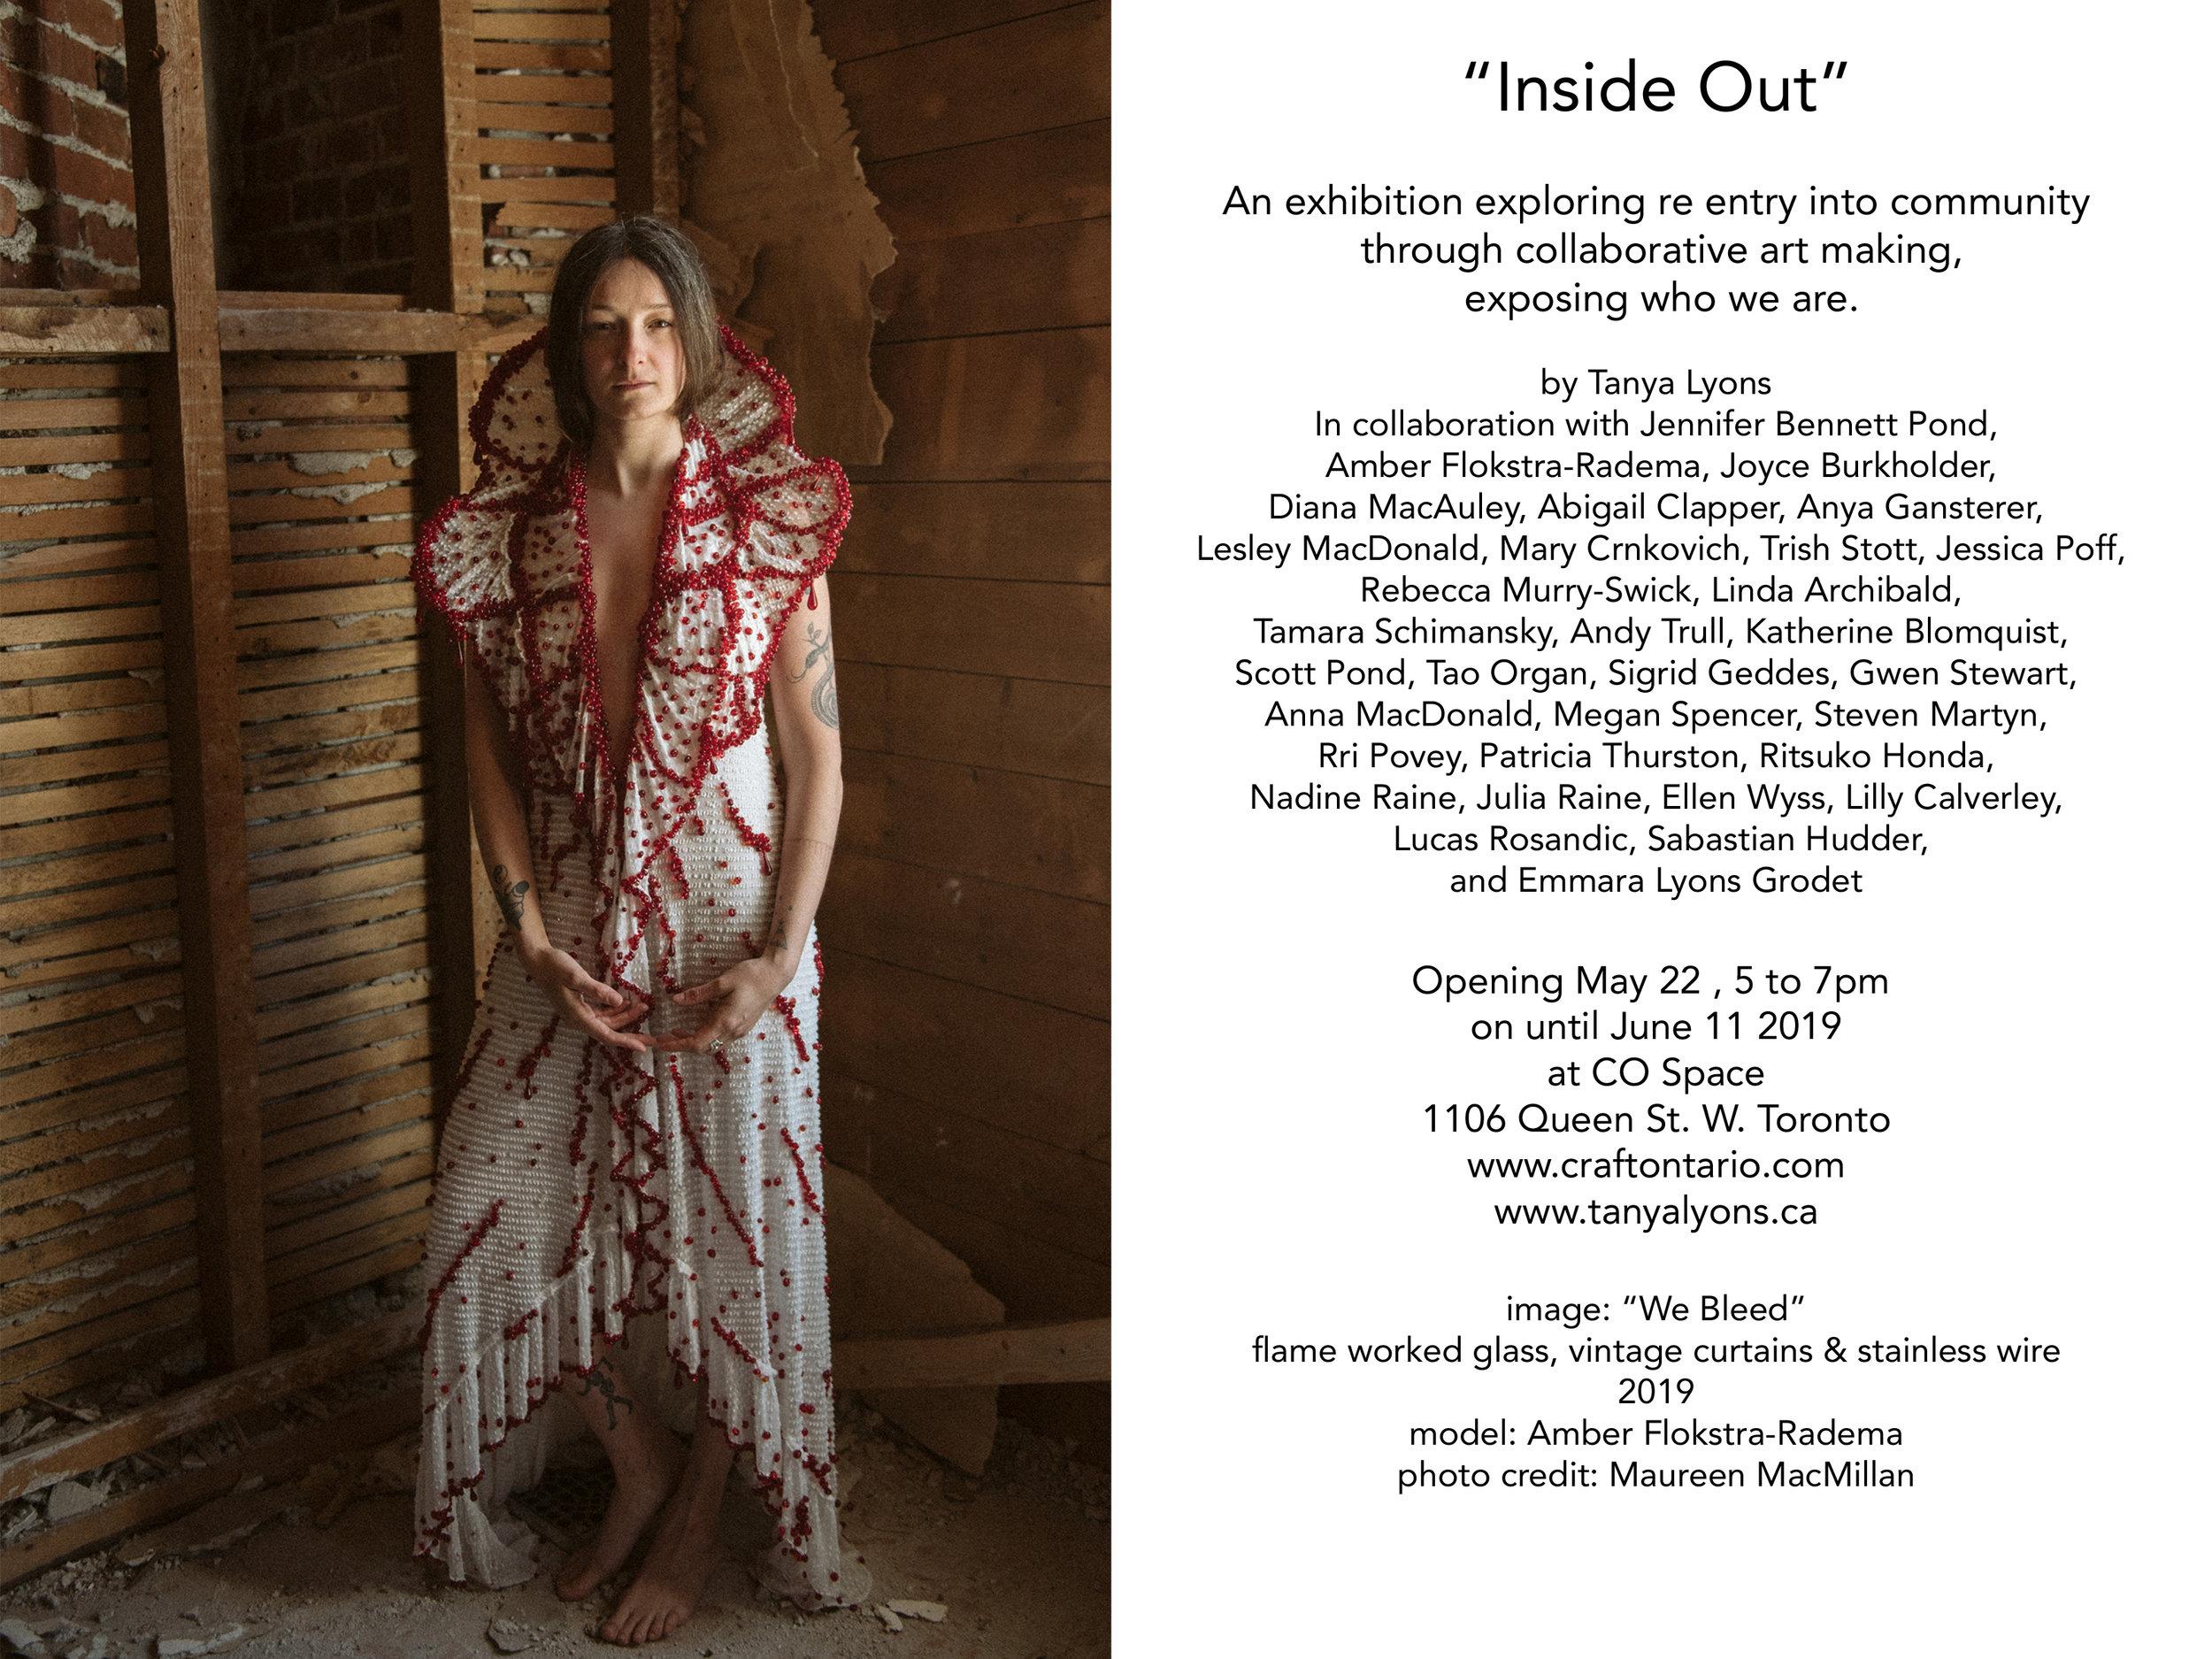 Inside Out Poromo1.jpg